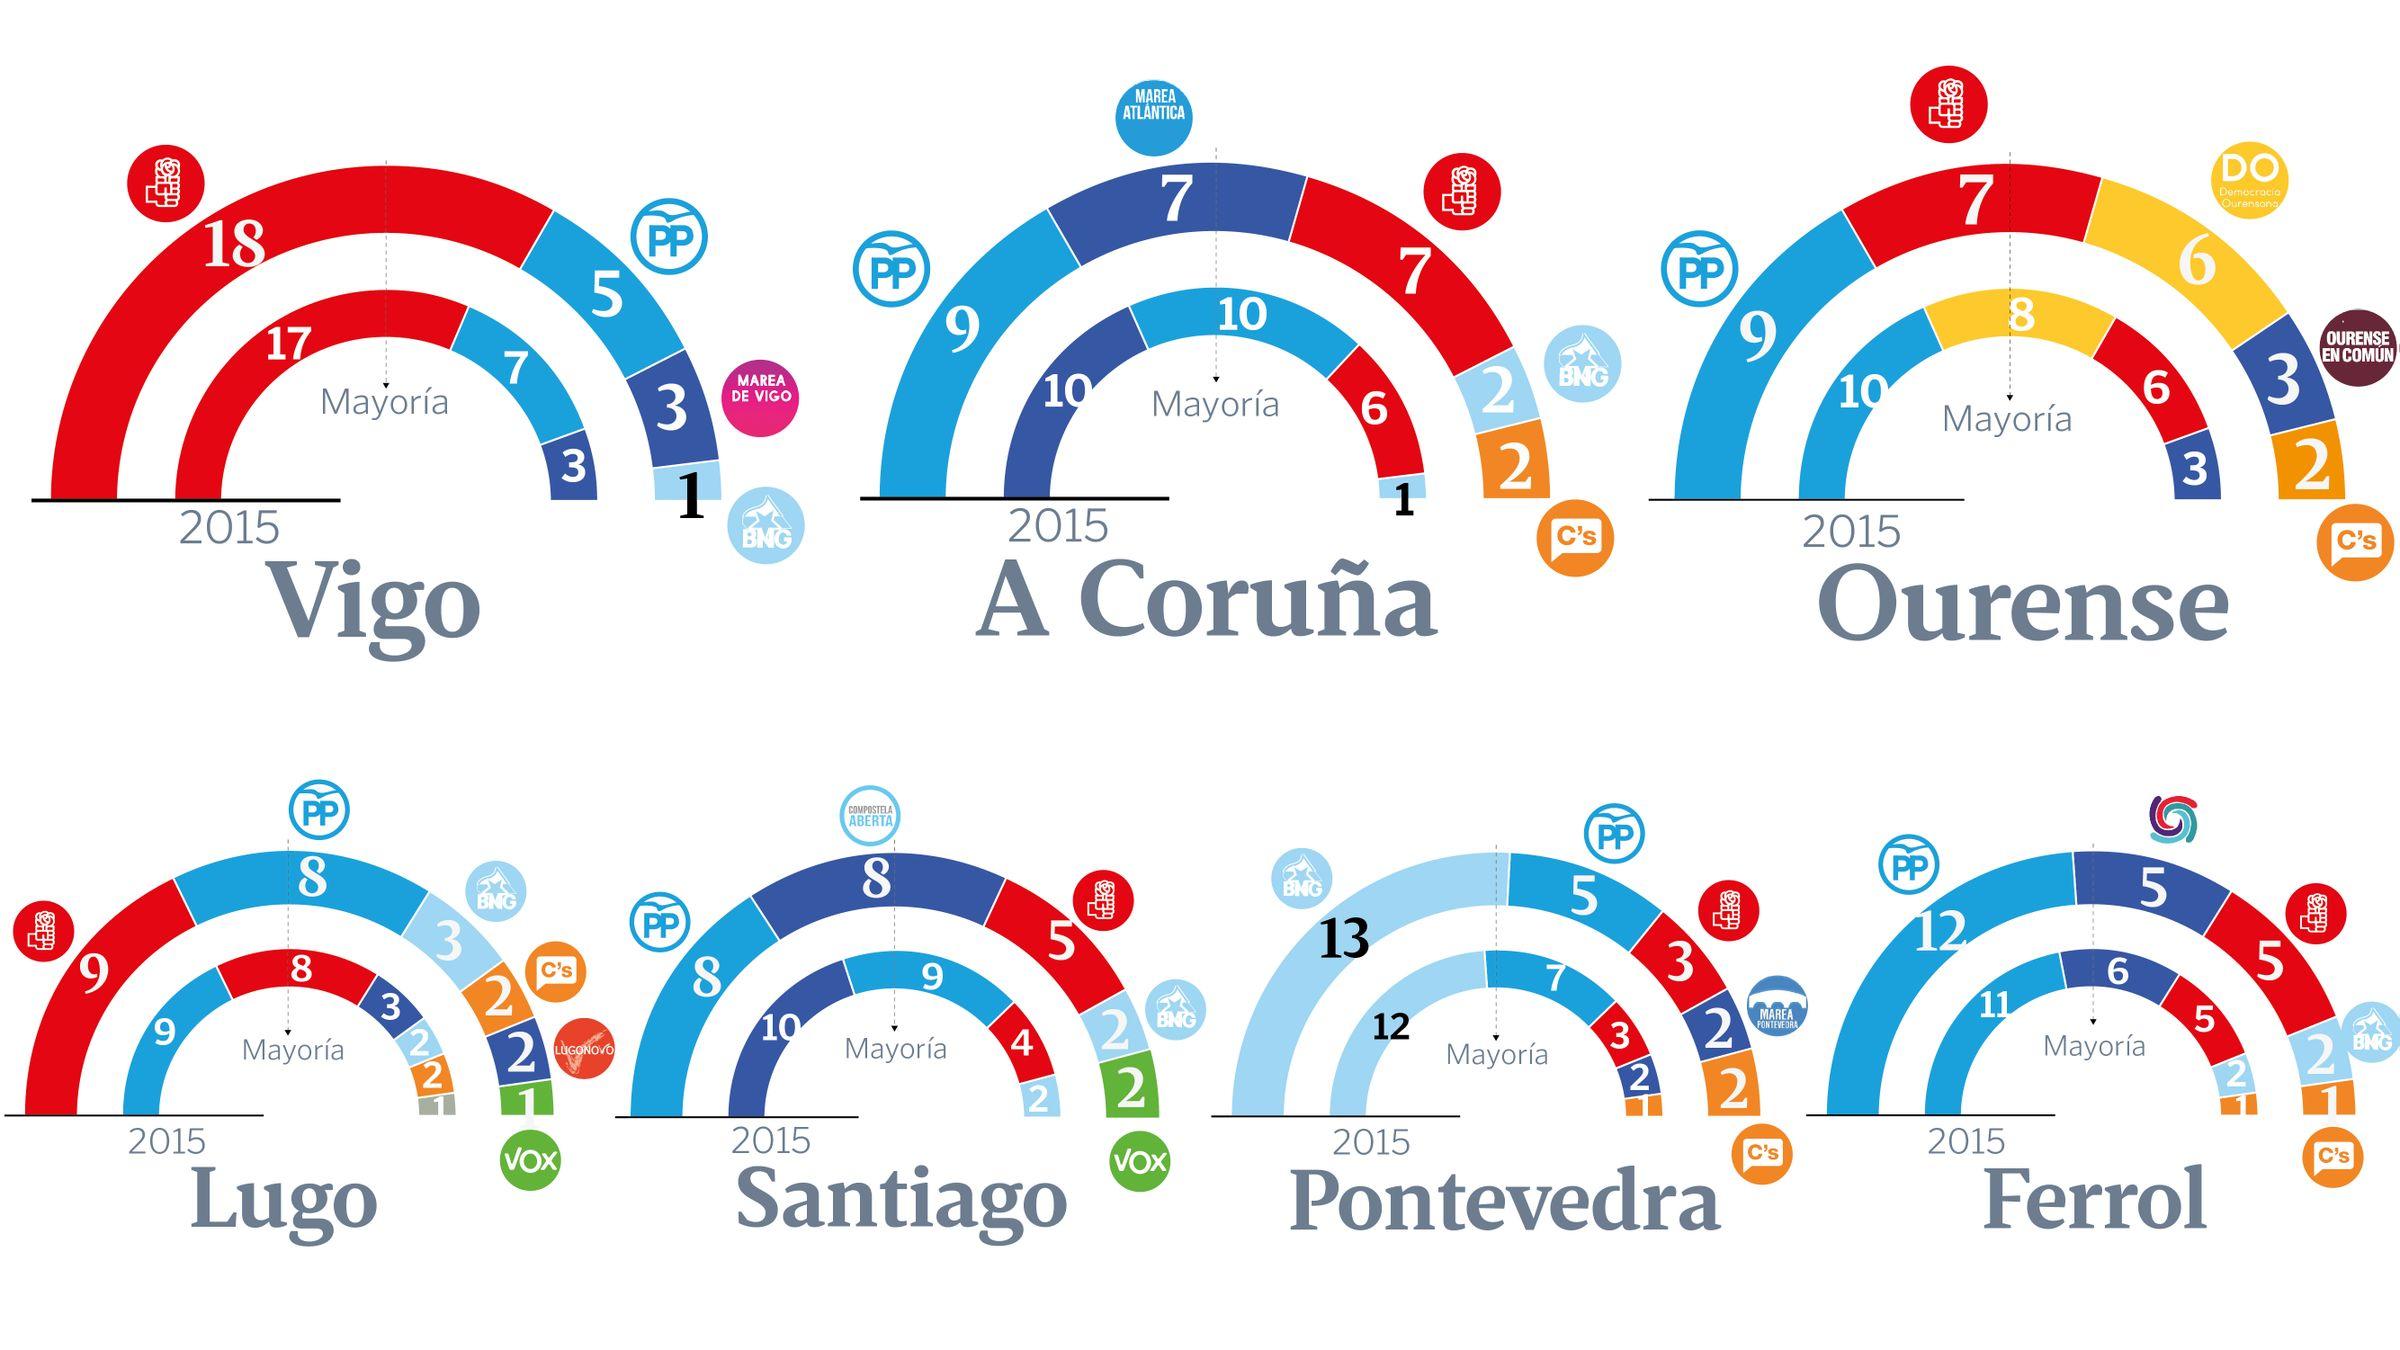 El poder institucional de En Marea.Noriega, Ferreiro y Suárez lograron en 2015 hacerse con las alcaldías de Santiago, A Coruña y Ferrol para las mareas